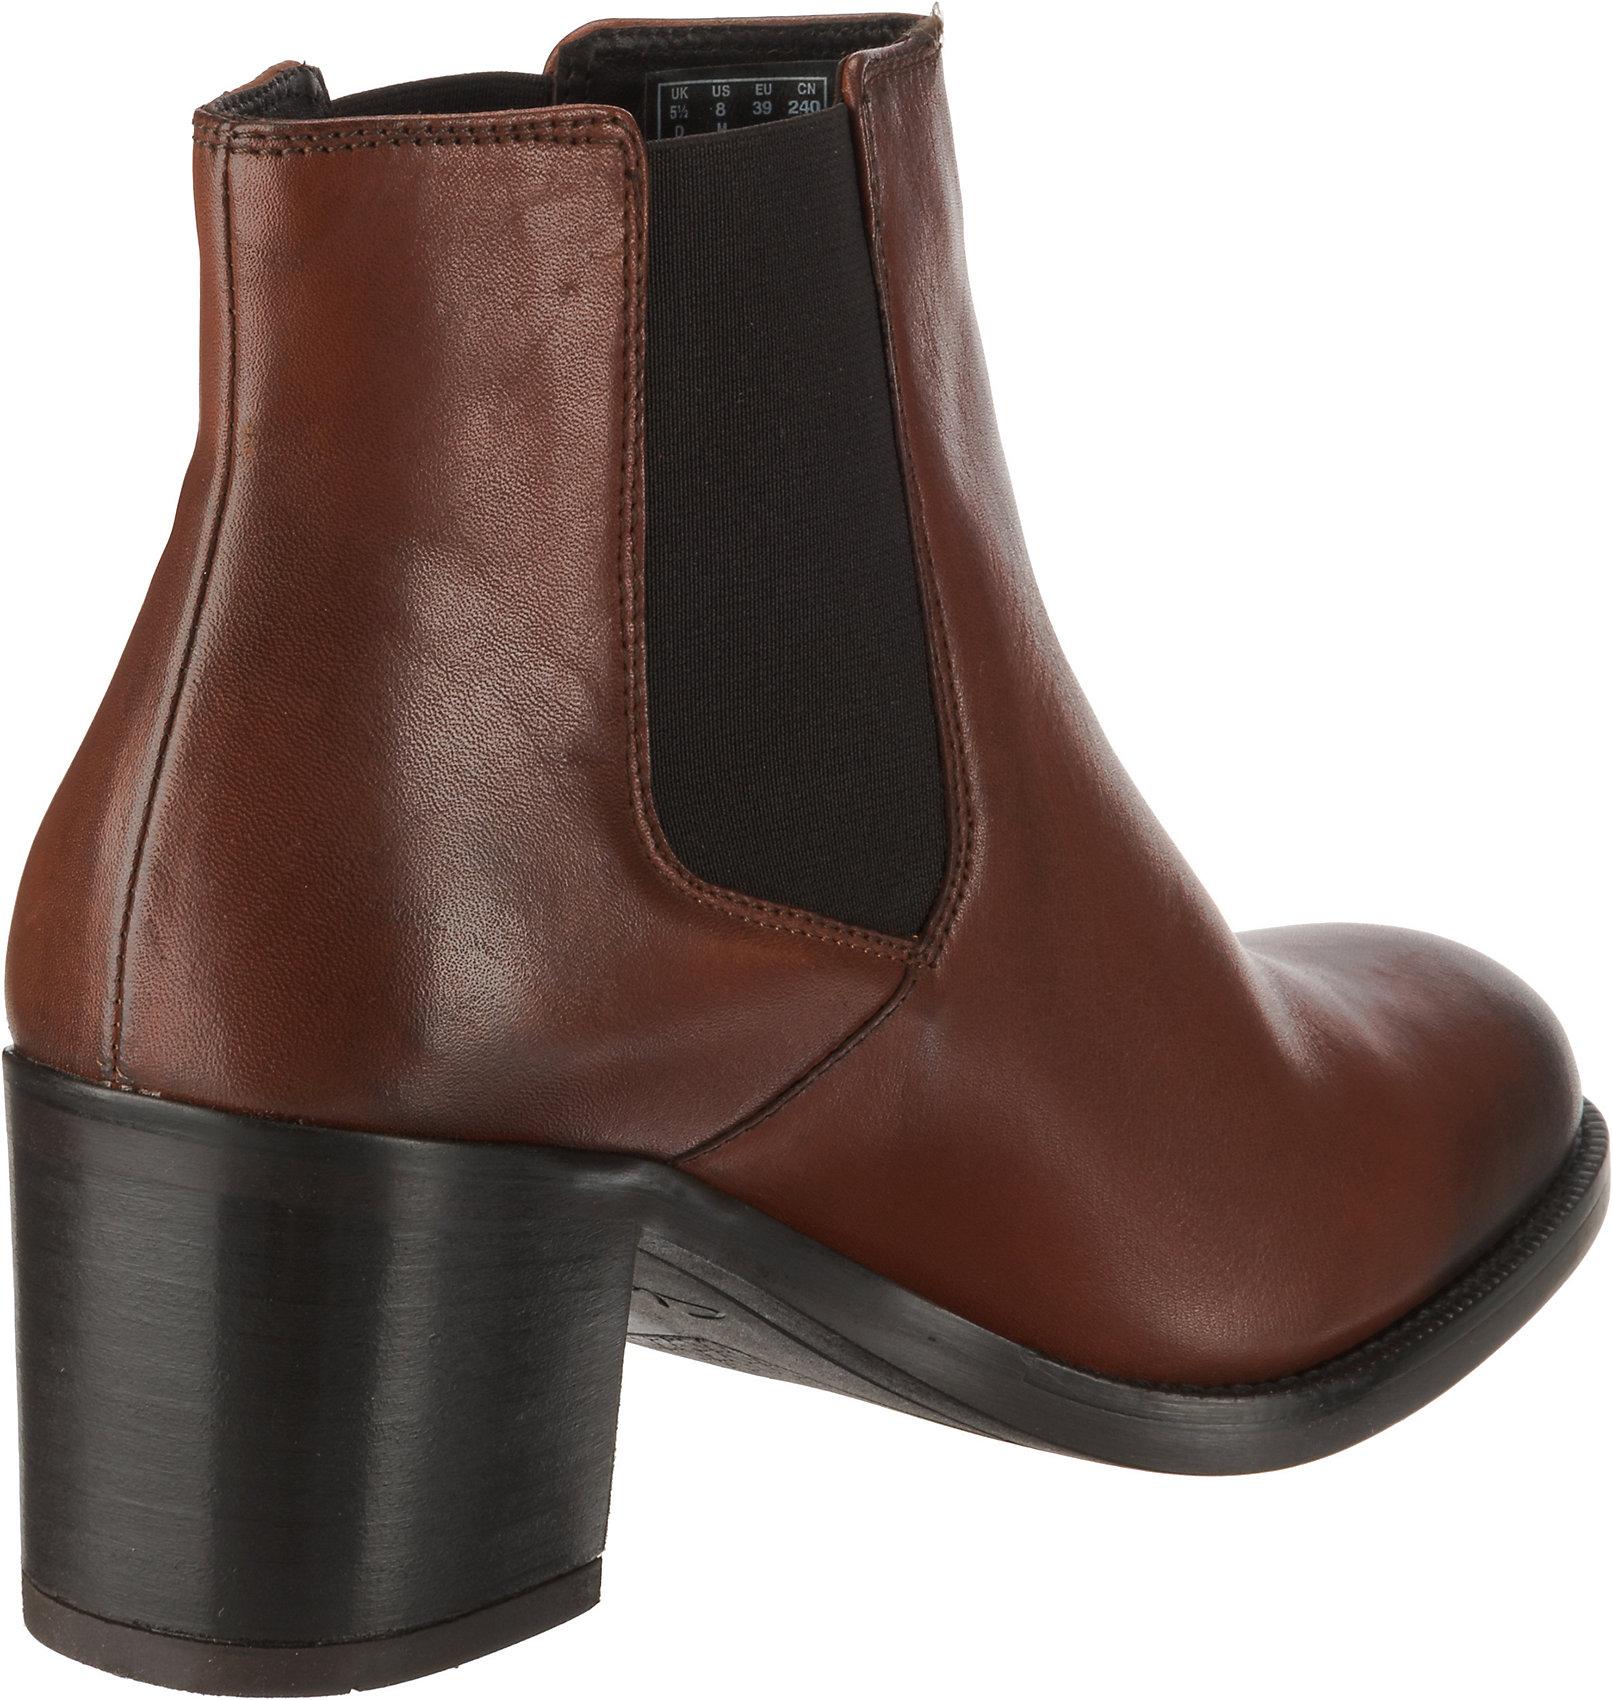 Neu Clarks Mascarpone Bay Chelsea Boots 8606569 für Damen braun